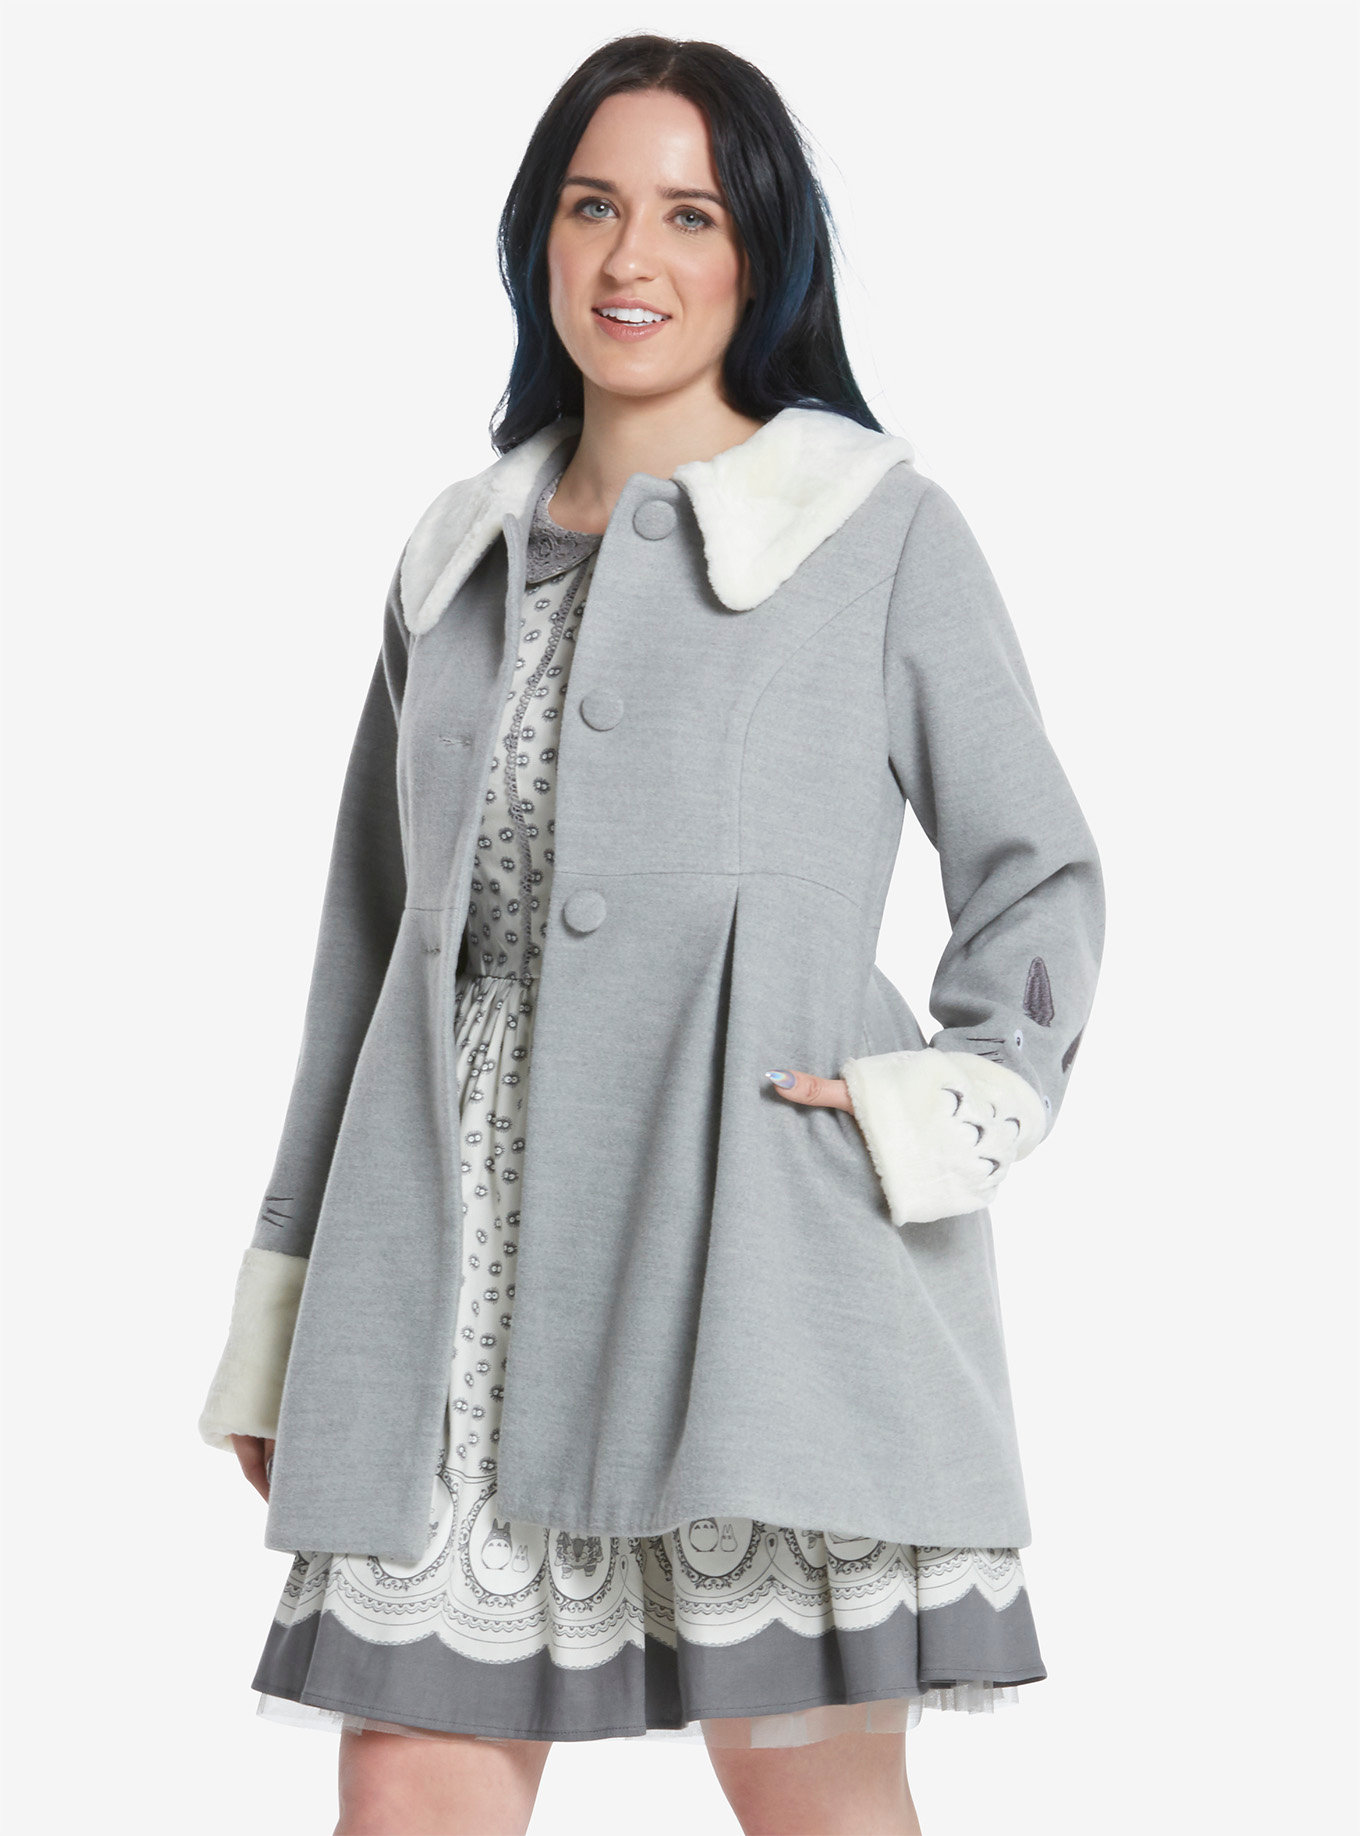 totoro-jacket.jpg